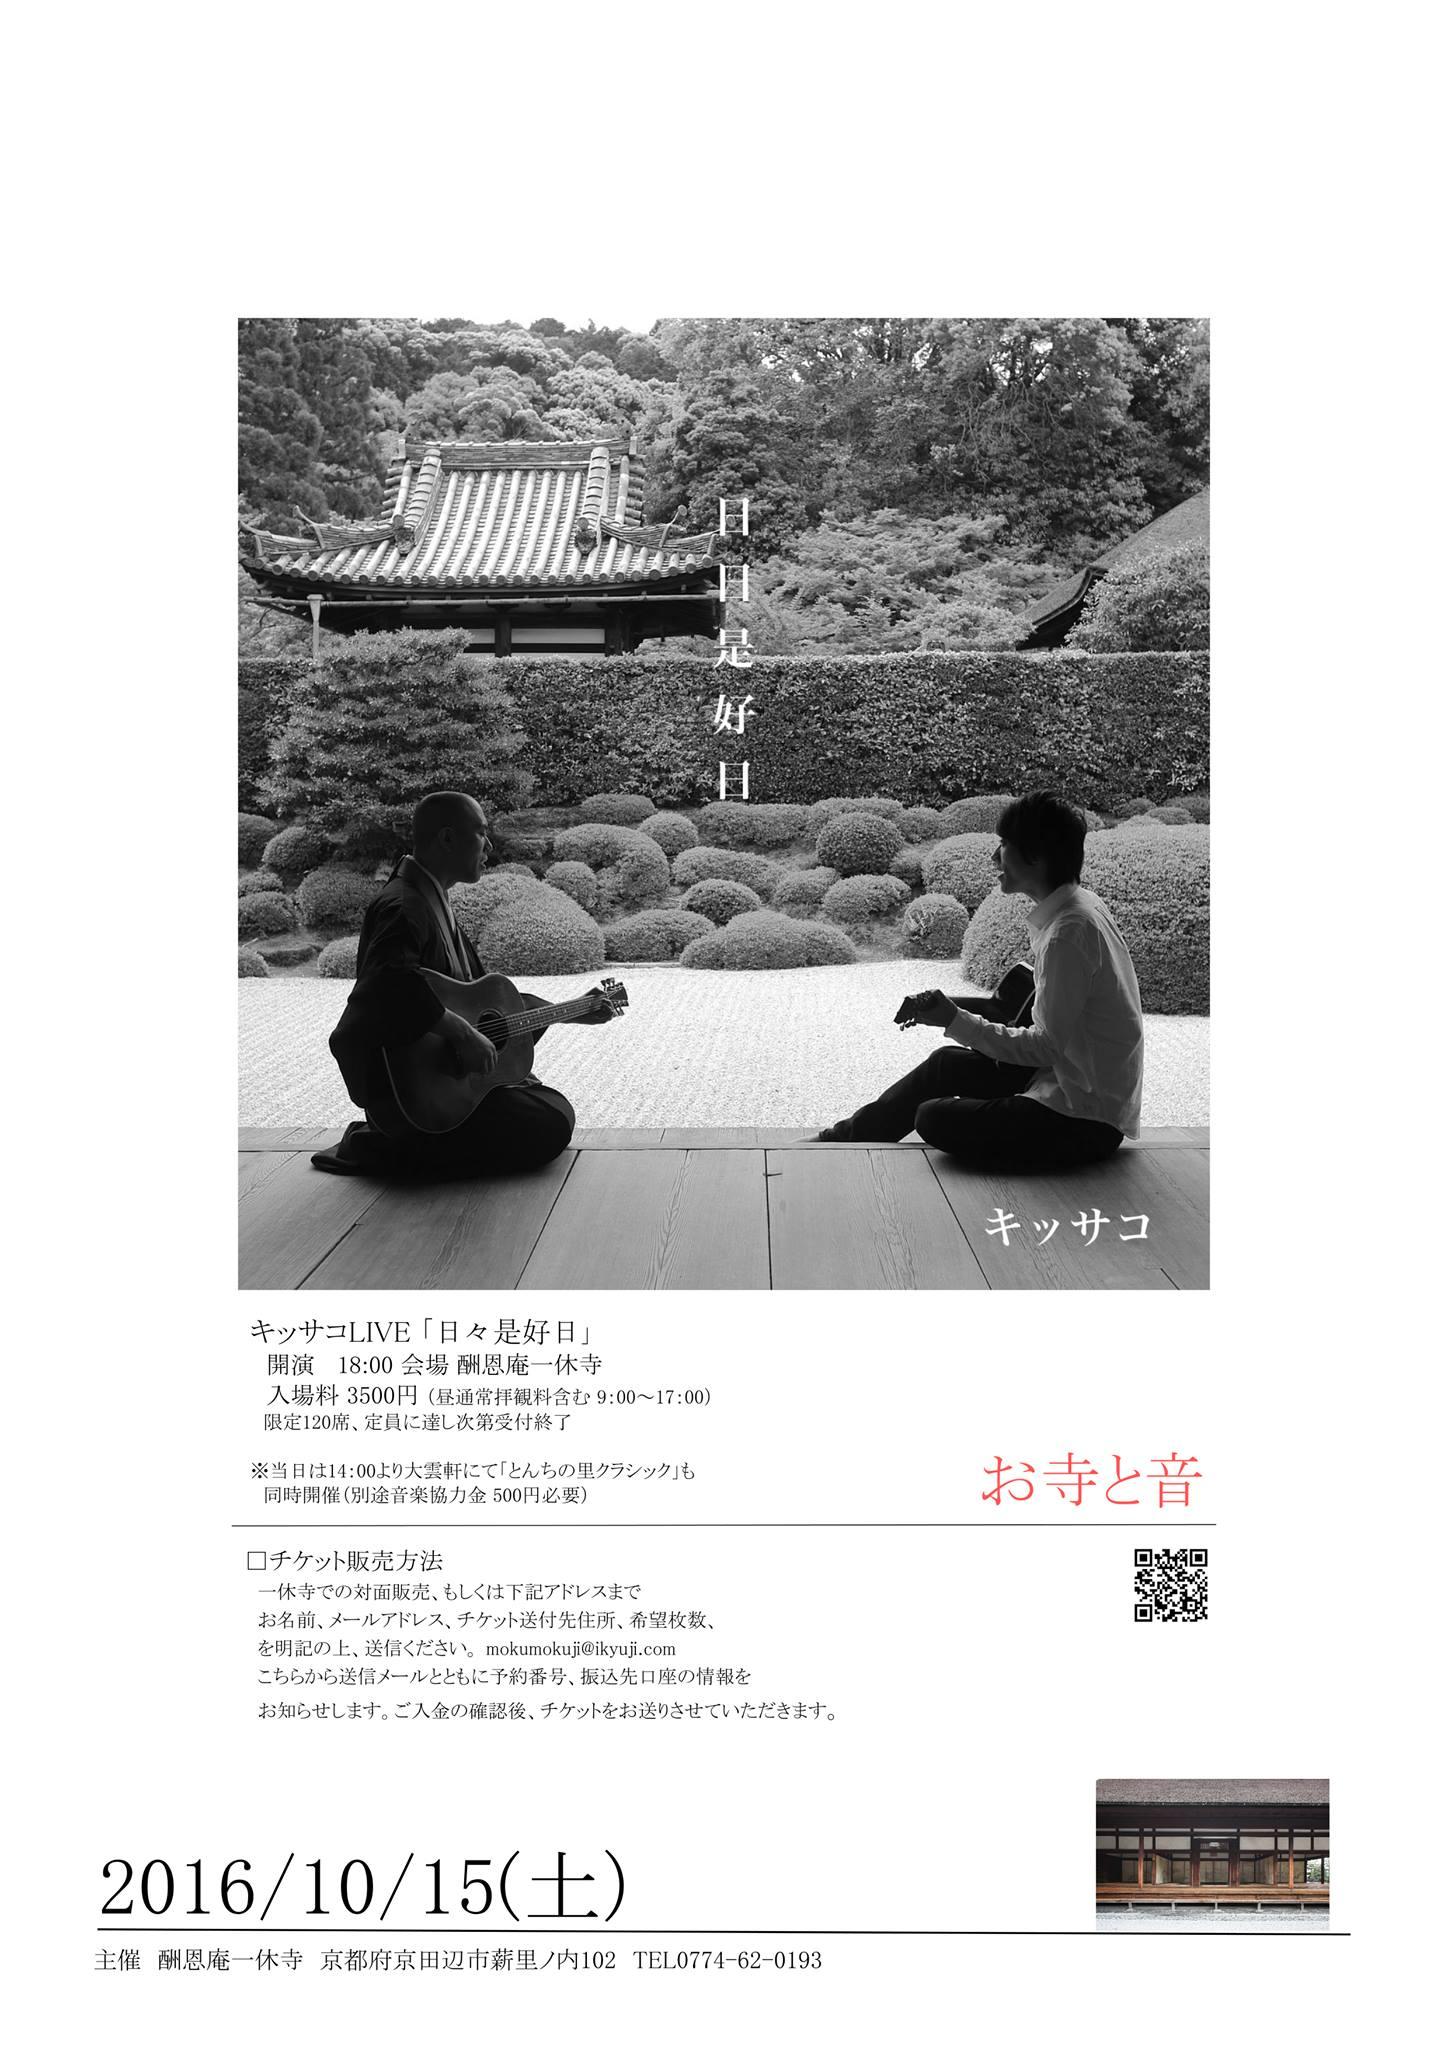 10/15(土)【京都】キッサコLIVEツアー2016「日日是好日」 in 一休寺